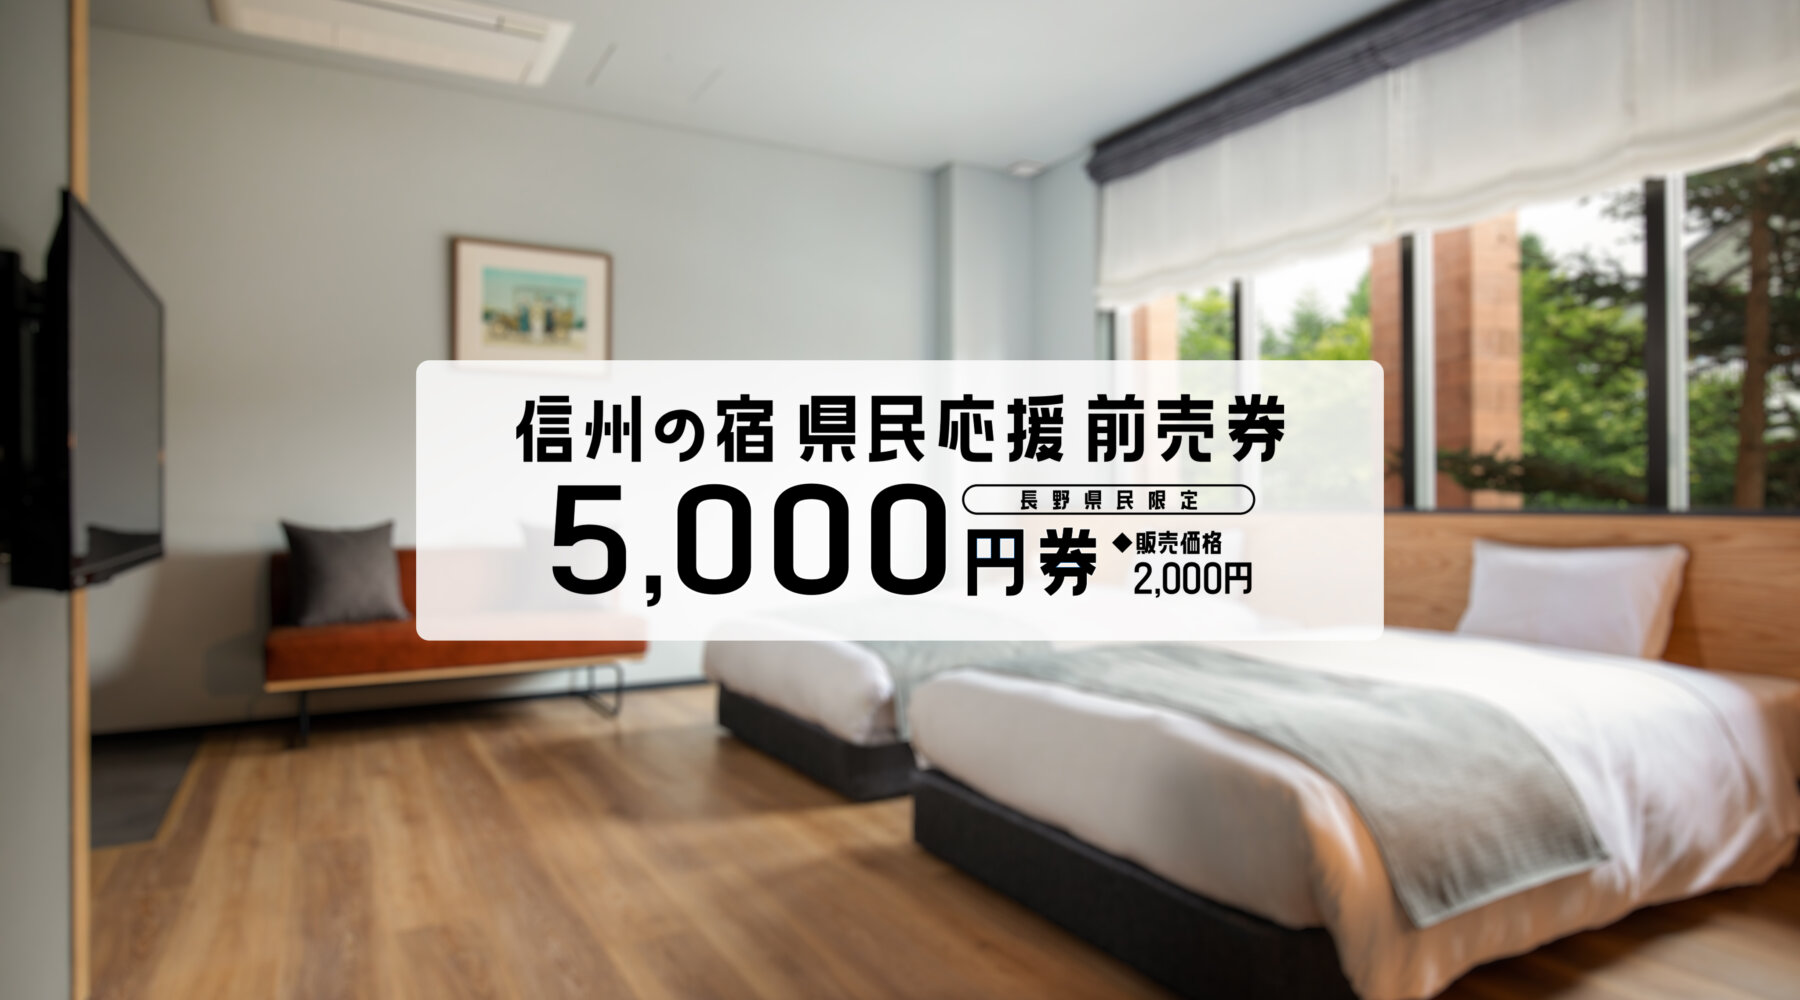 信州の宿 県民応援前売割 宿泊旅行に使える「プレミアム付き前売券」の販売を開始します。